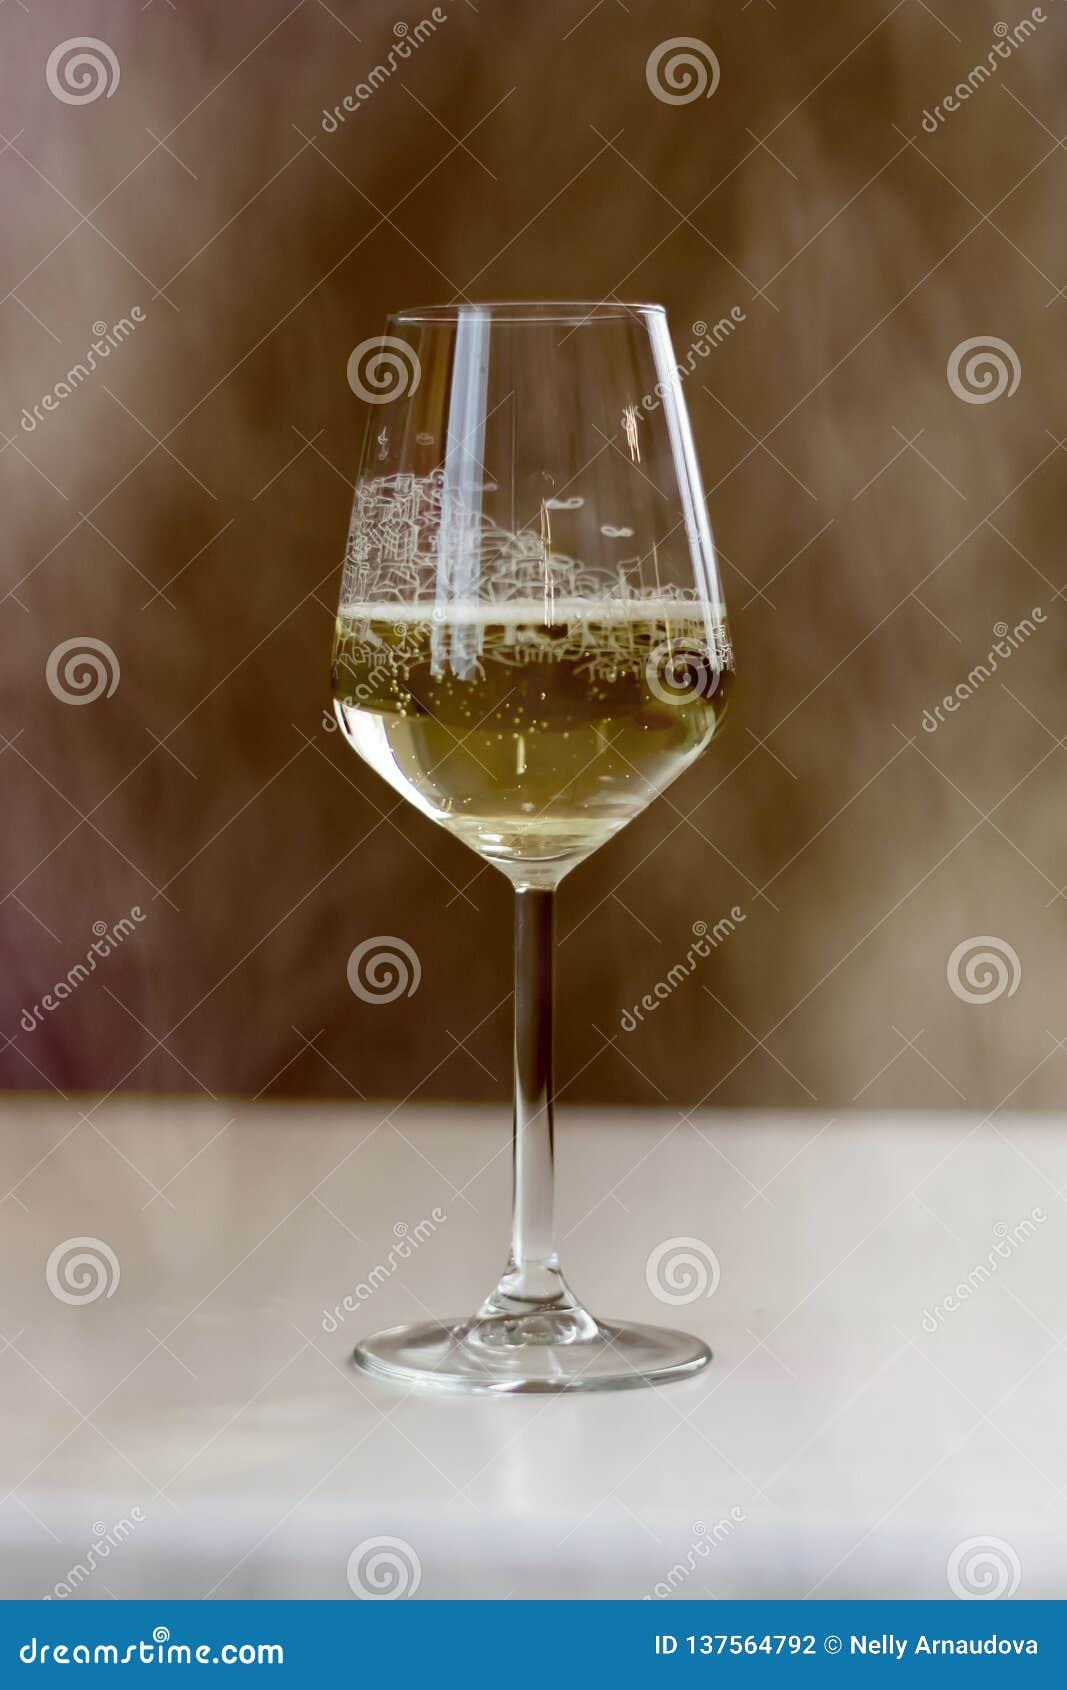 Una copa de vino alrededor de la cual hay humo